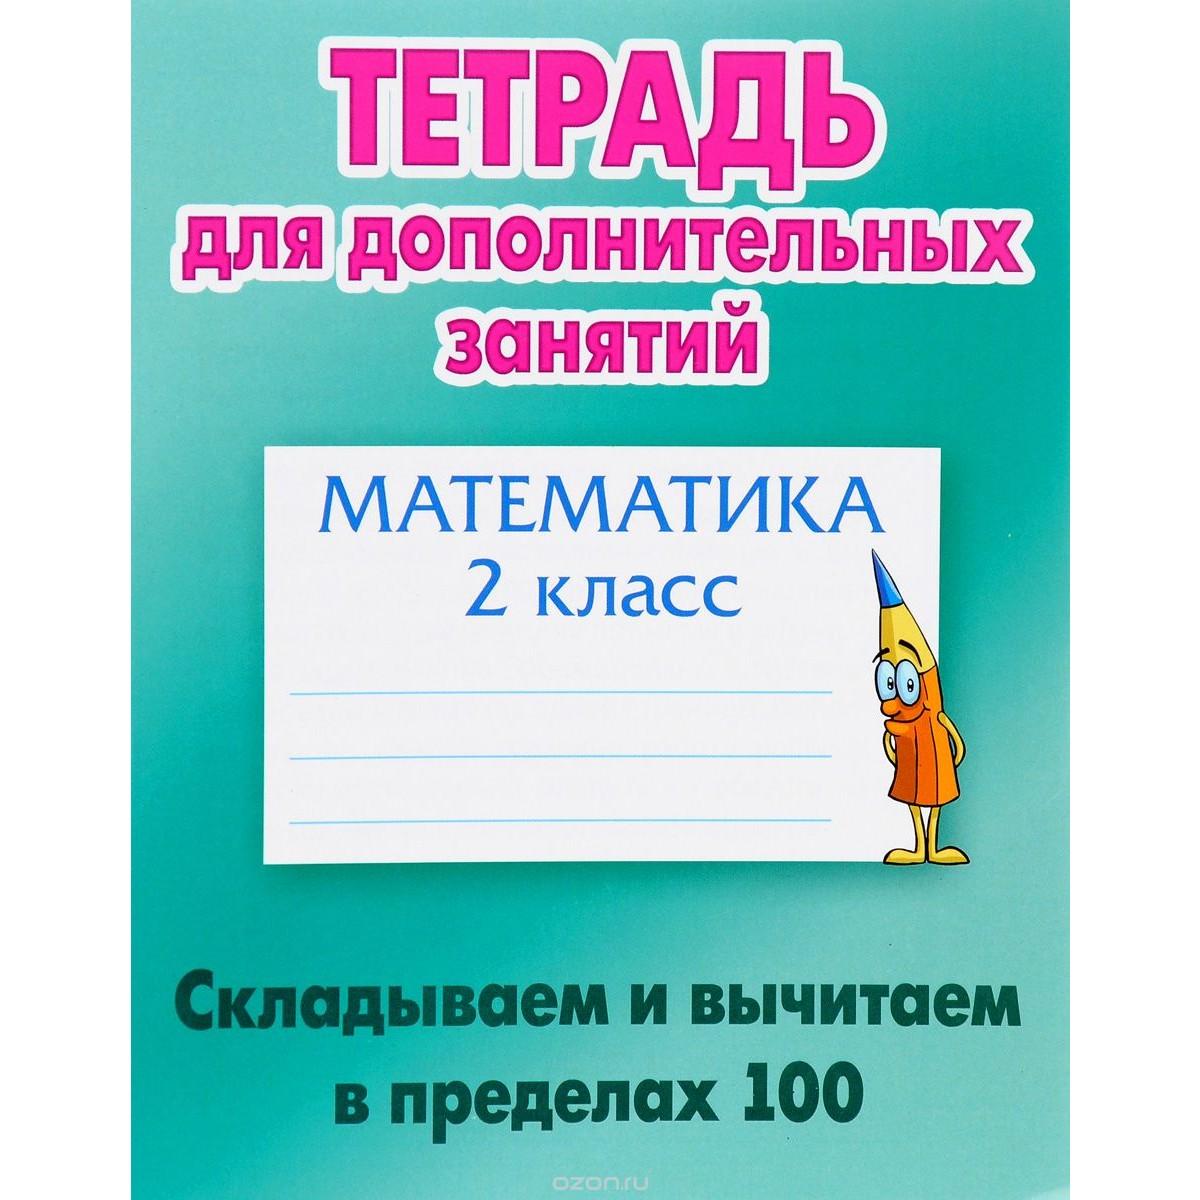 Петренко. Математика. Тетрадь для дополнительных занятий. 2 кл. Складываем и вычитаем в пределах 100